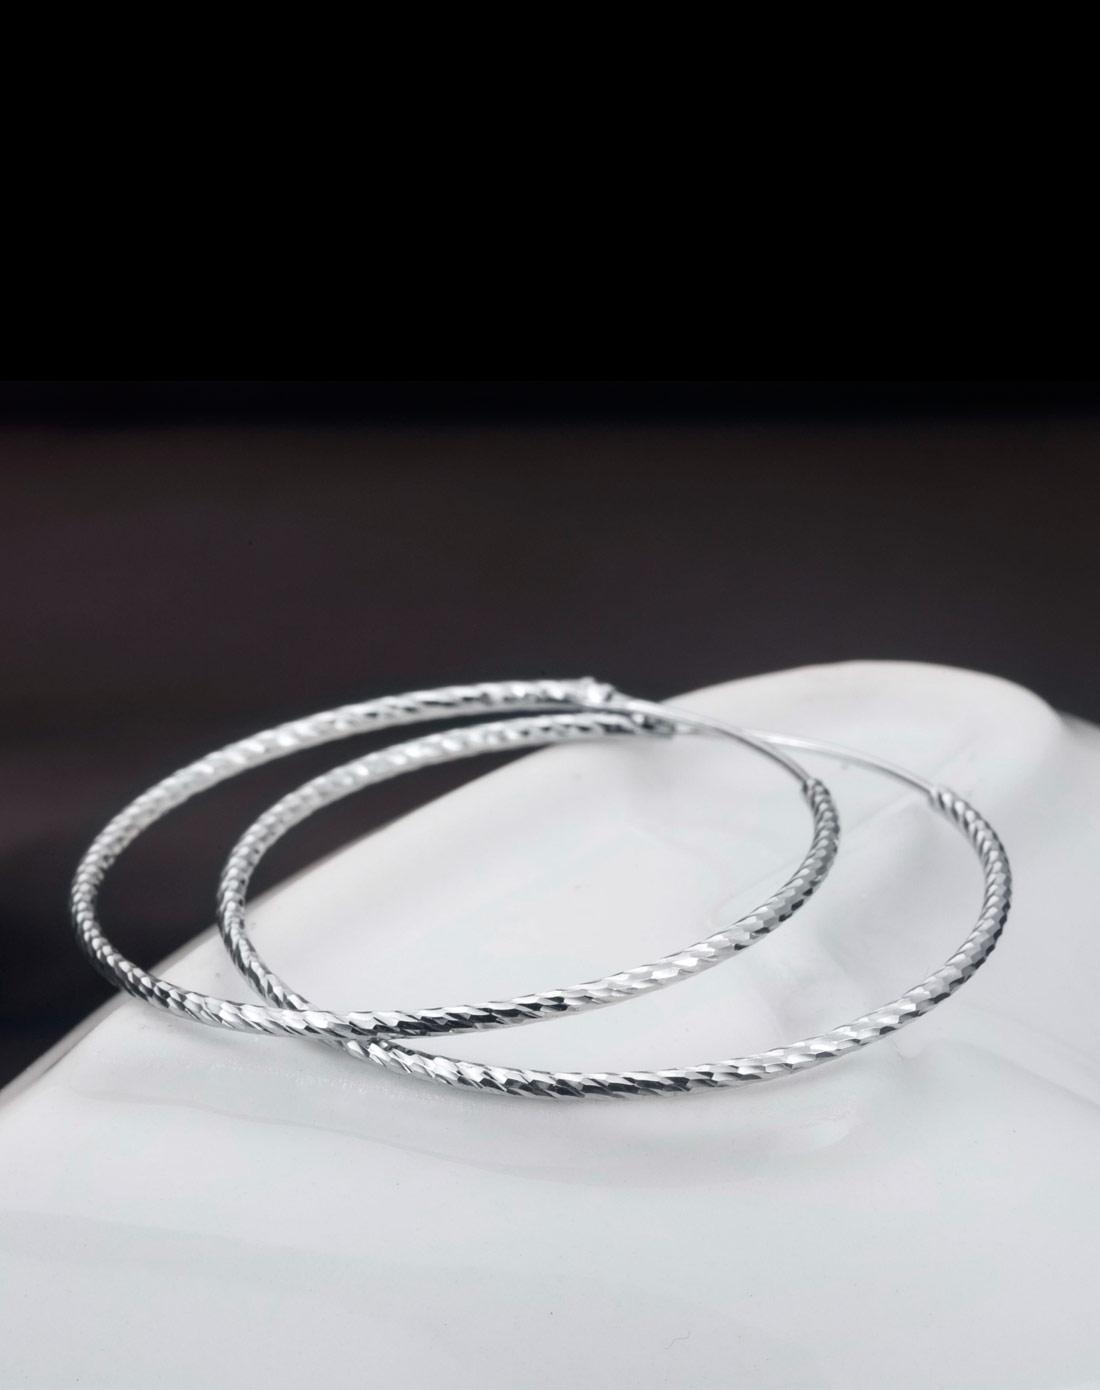 车花耳环925纯银大圆圈耳环高贵典雅4cmx1mm空心耳圈